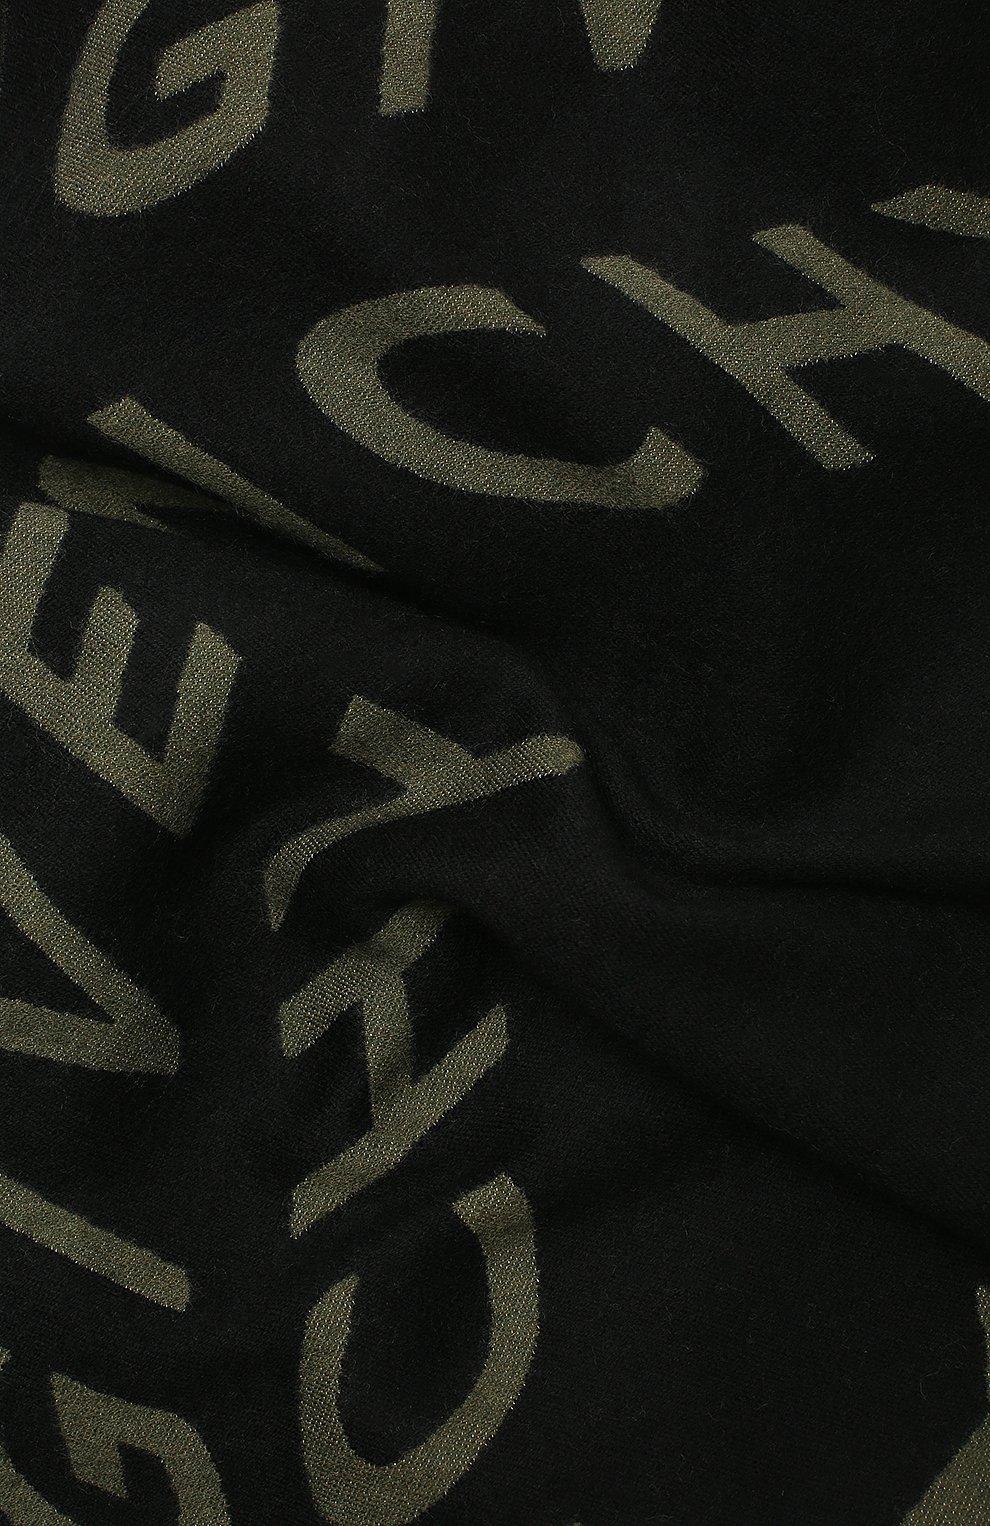 Мужской шарф из шерсти и шелка GIVENCHY хаки цвета, арт. GV3518/J3047 | Фото 2